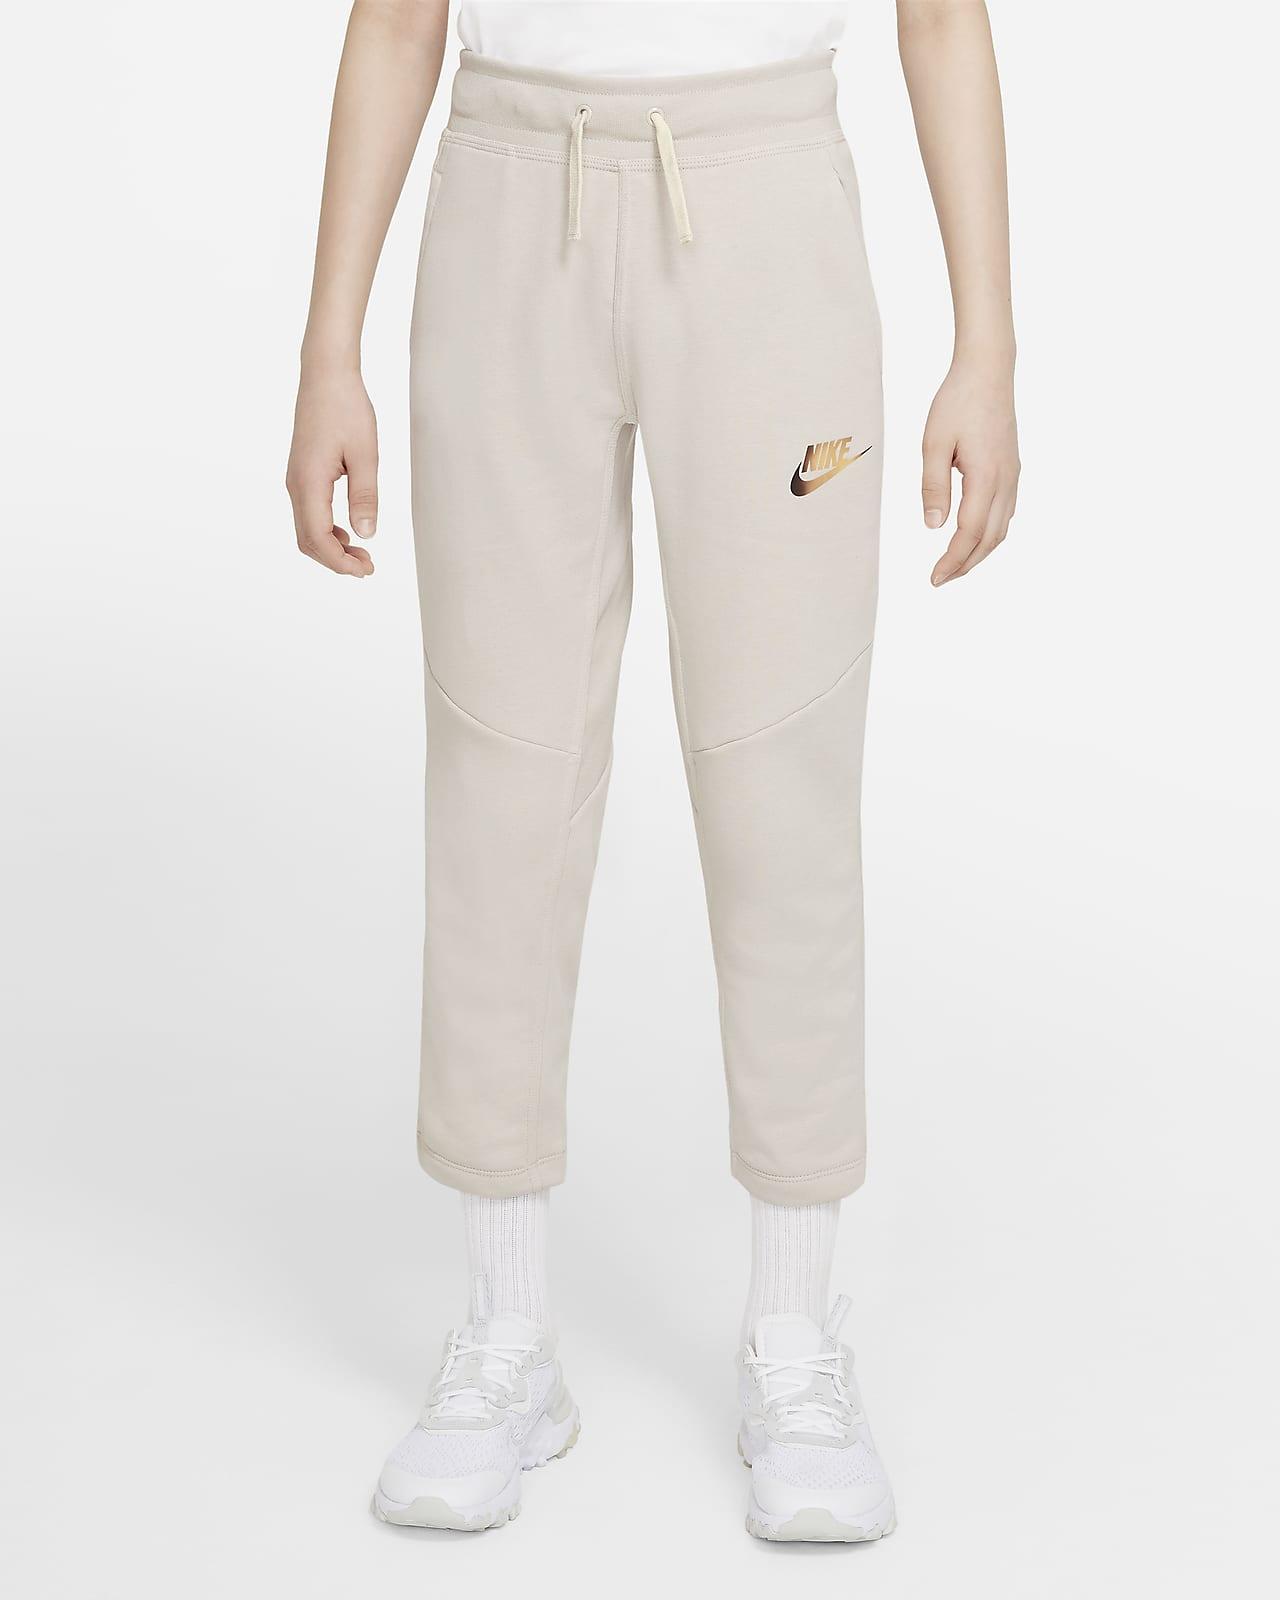 Nike Sportswear Big Kids' (Boys') Fleece Pants